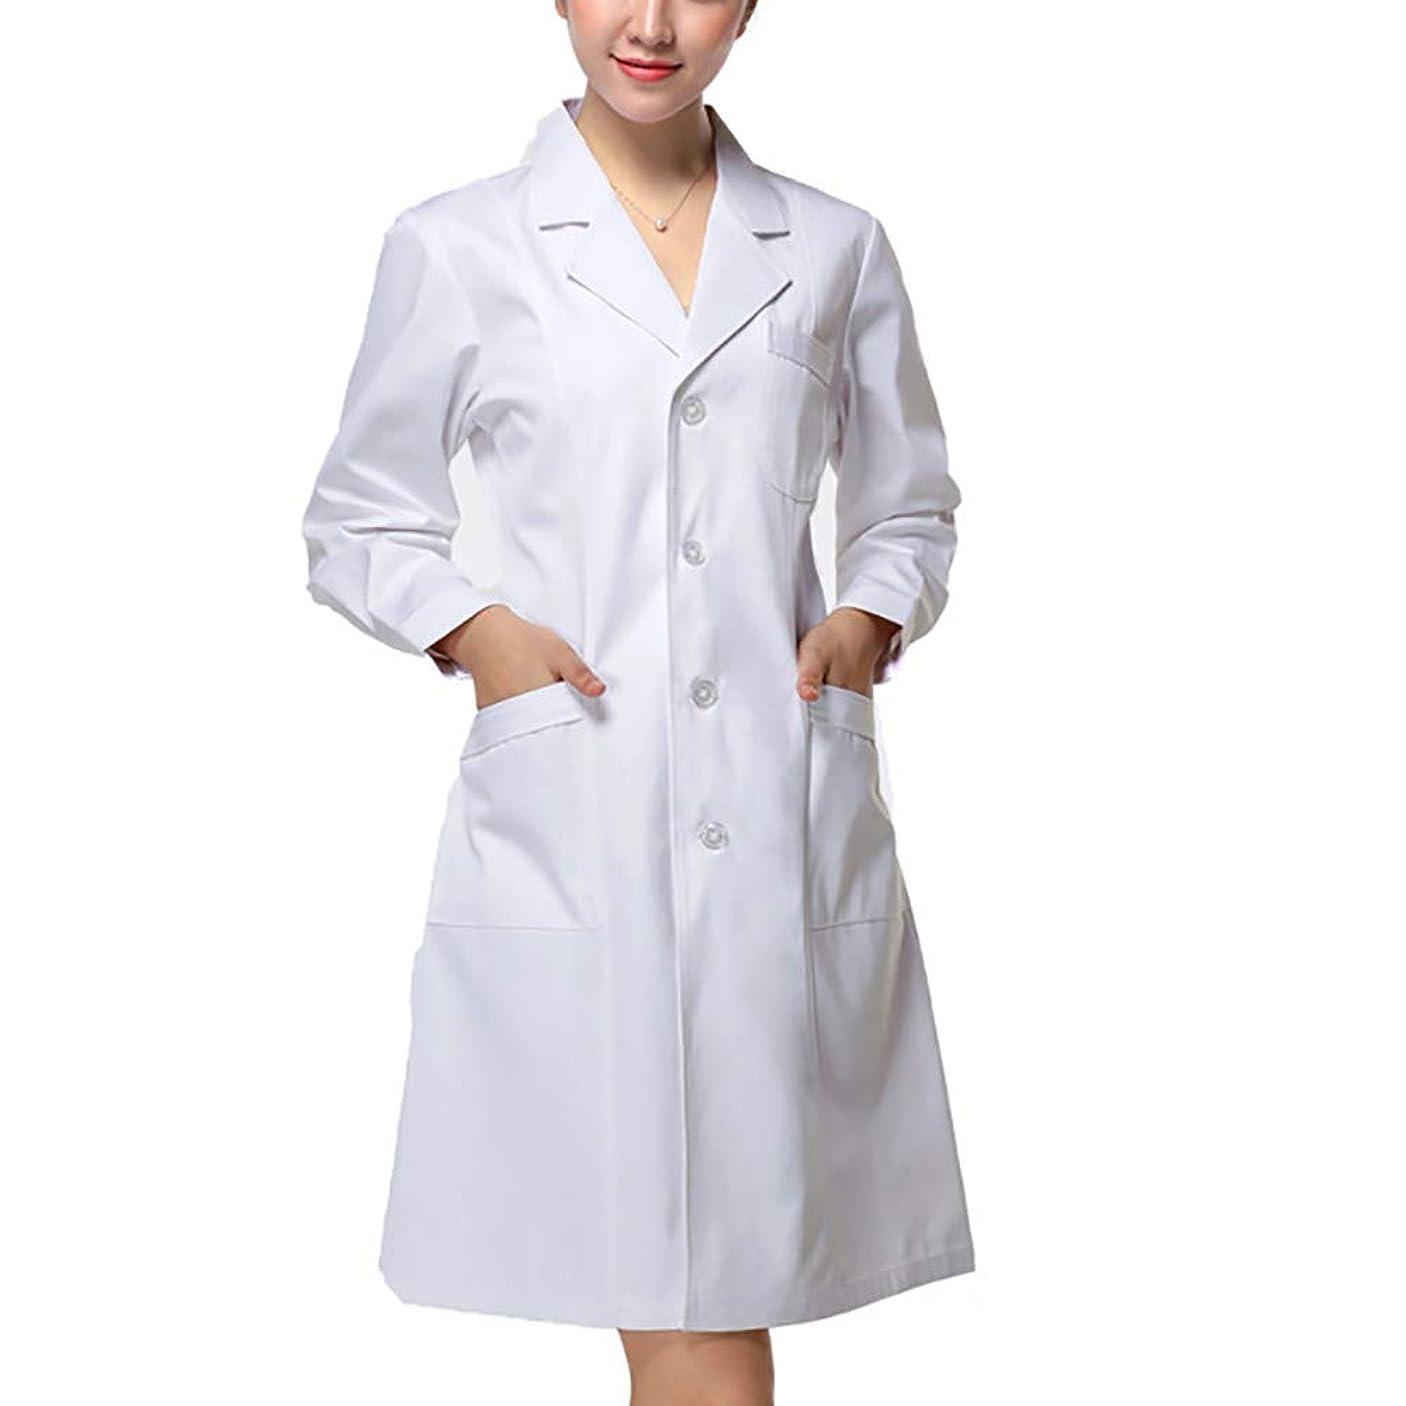 歯痛素晴らしさ宝石白衣 実験衣 医師実験用 診察衣 長袖 ホワイトポケット付き 制菌 女性ドクター …